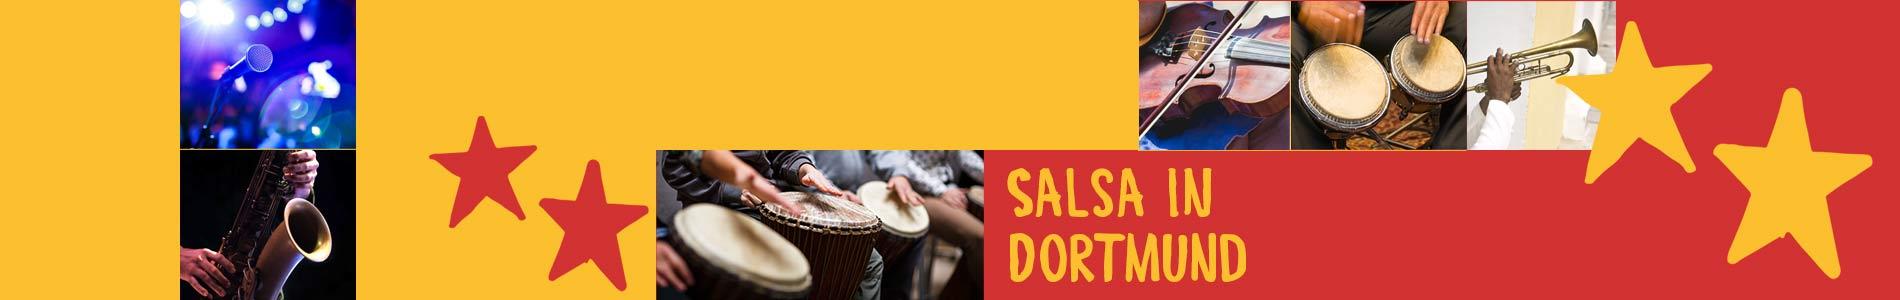 Salsa in Dortmund – Salsa lernen und tanzen, Tanzkurse, Partys, Veranstaltungen